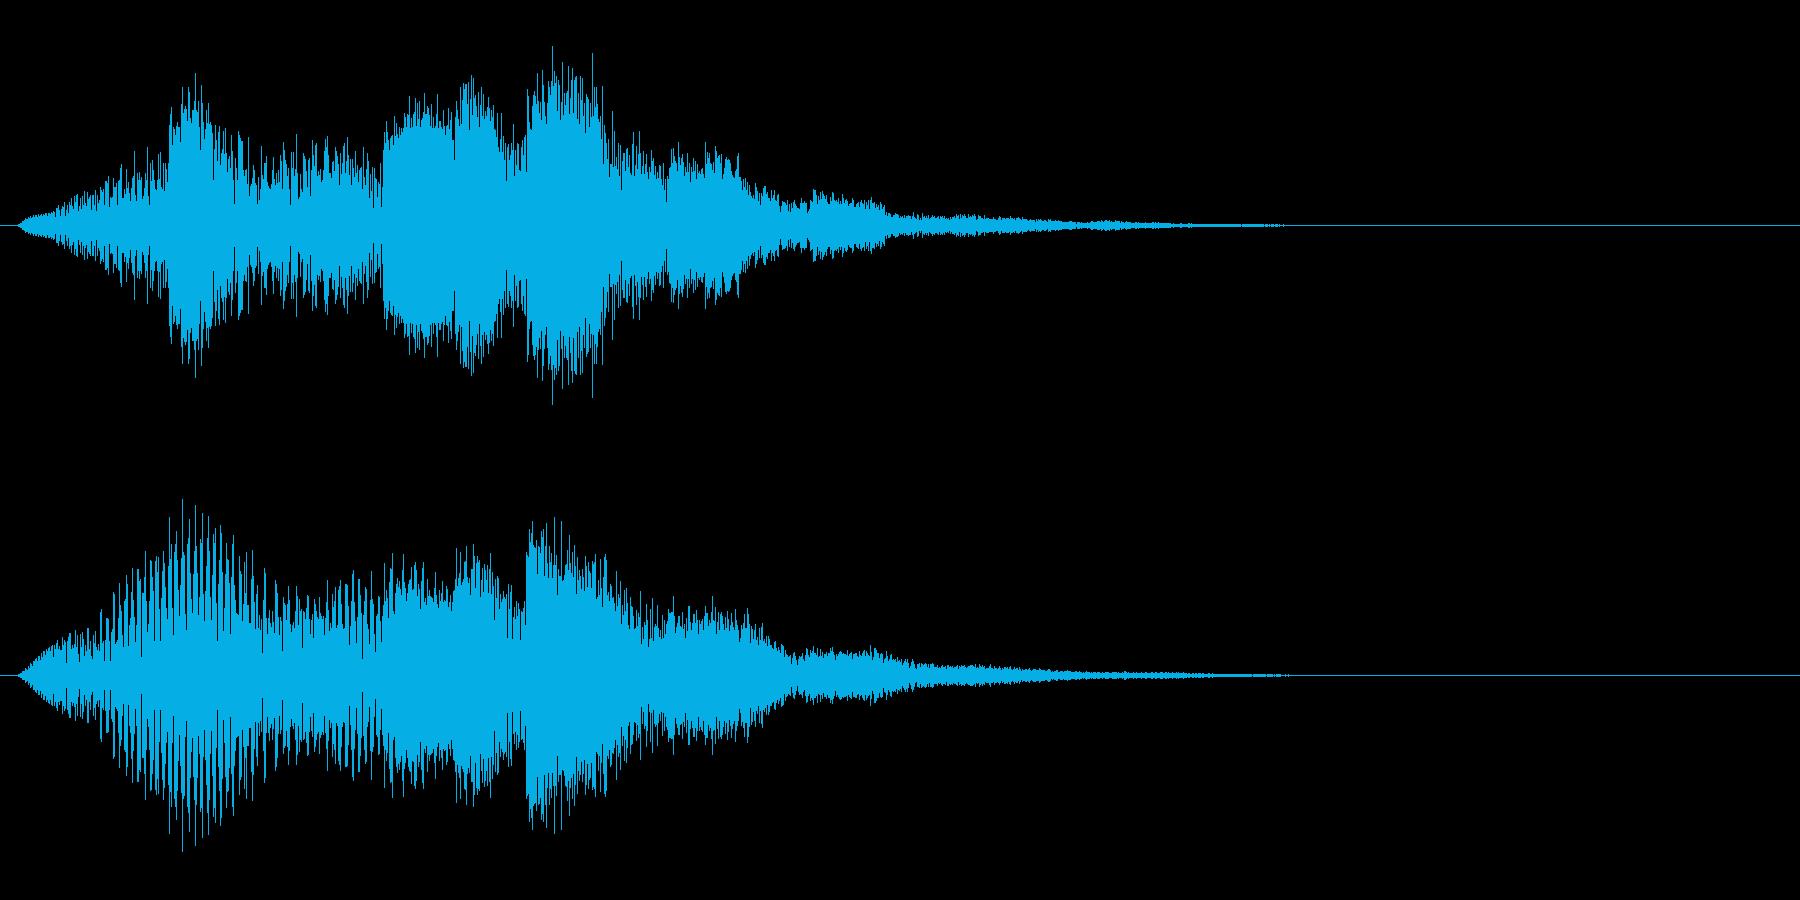 スンチャンチャンチャララ(セーブの音)の再生済みの波形